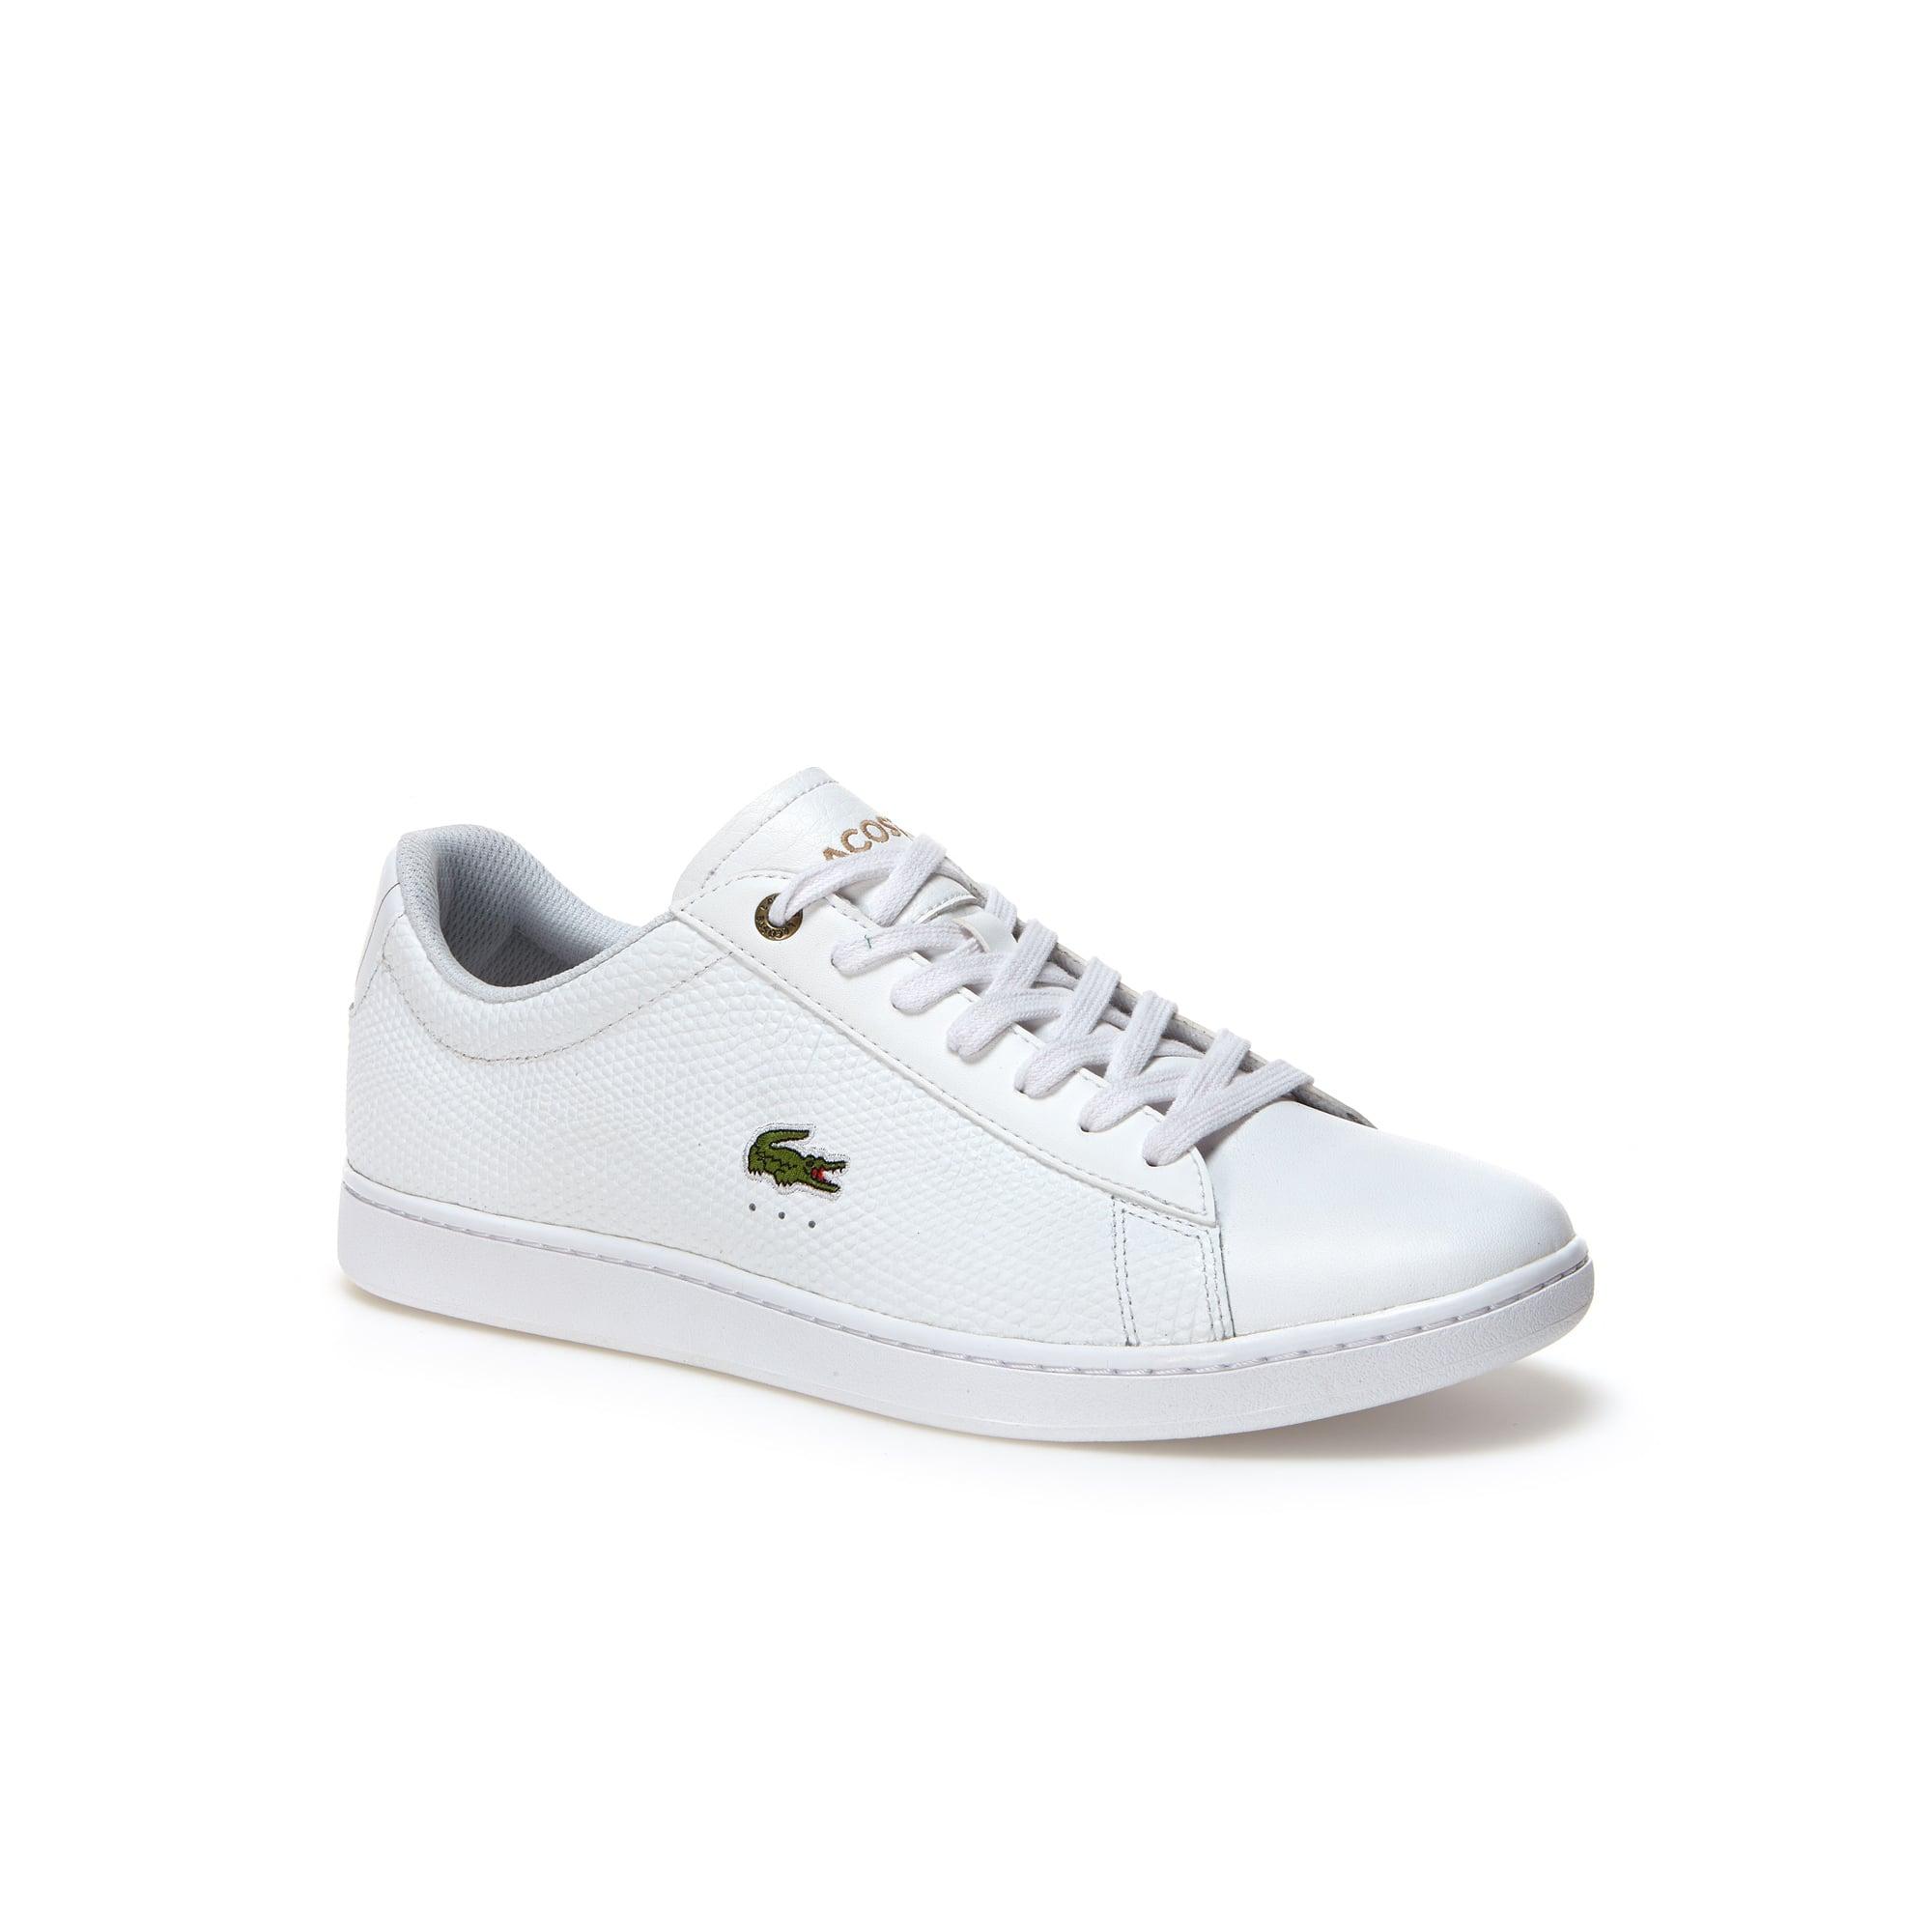 Schuhe Männerherrenschuhe Schuhe Für Business Lacoste Lacoste Männerherrenschuhe Für Für Business Y7fyb6g